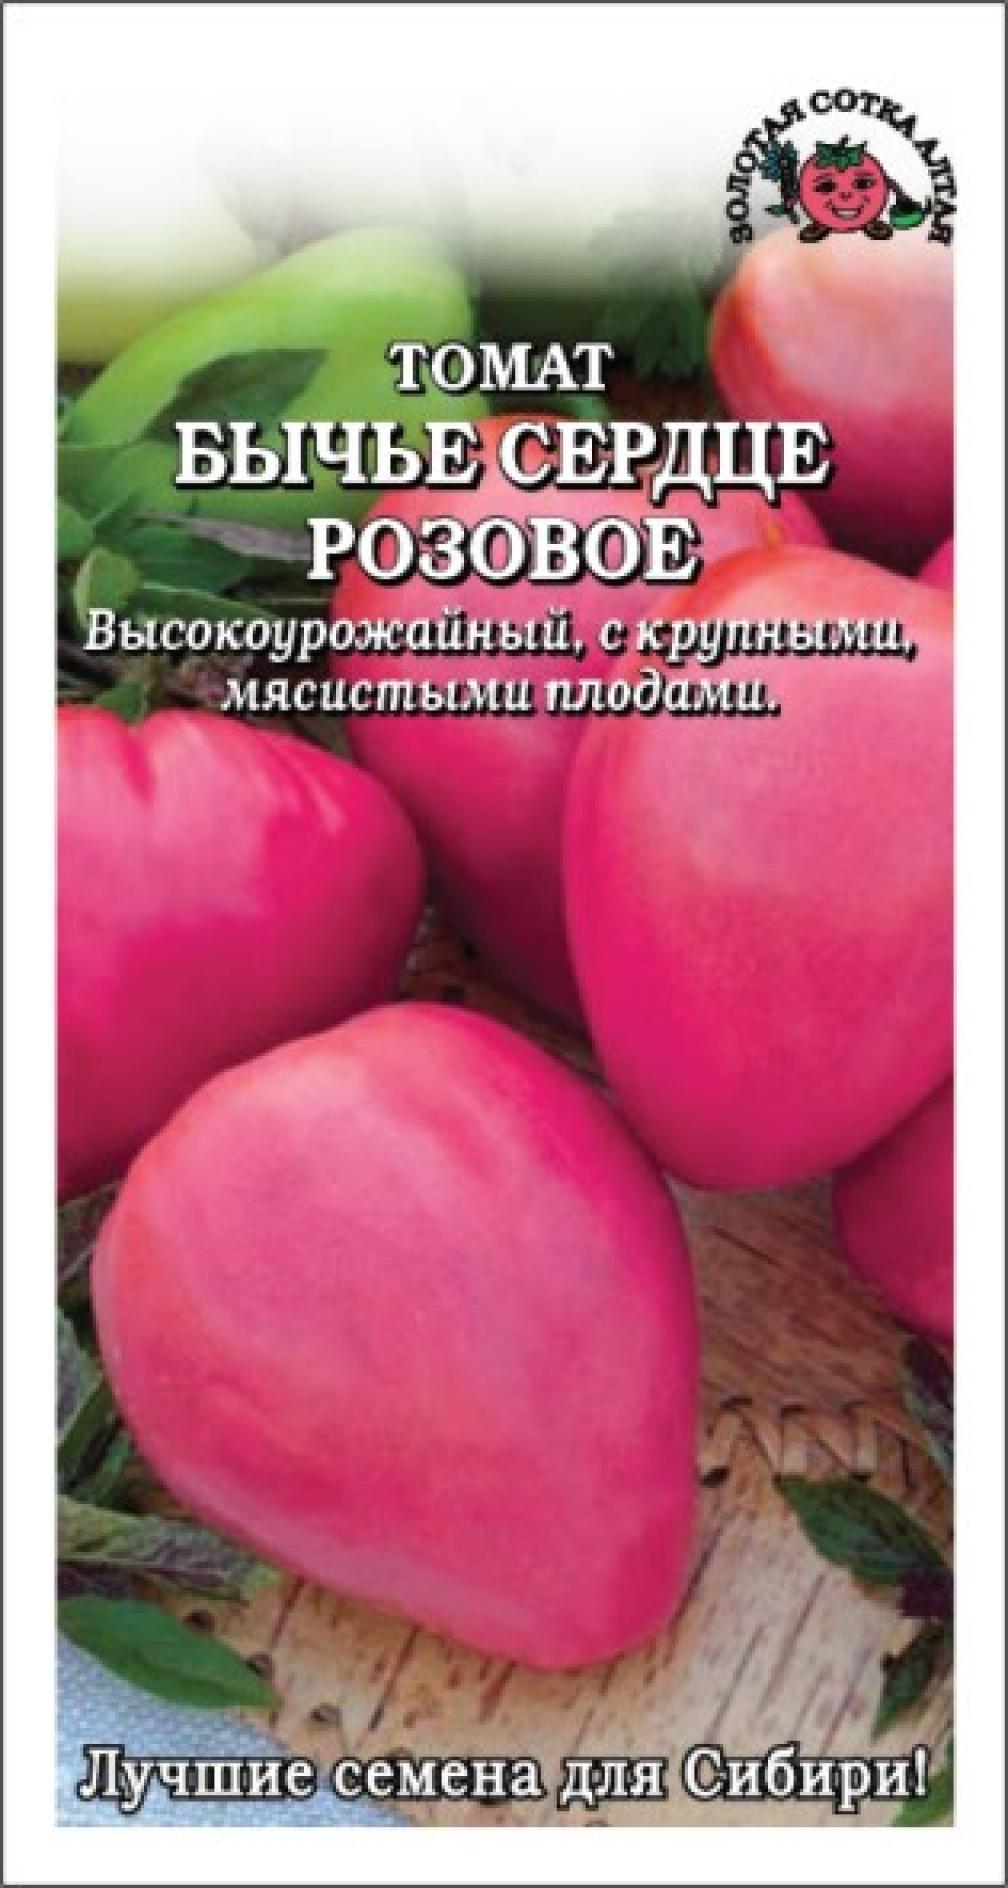 томаты бычье сердце схема посадки